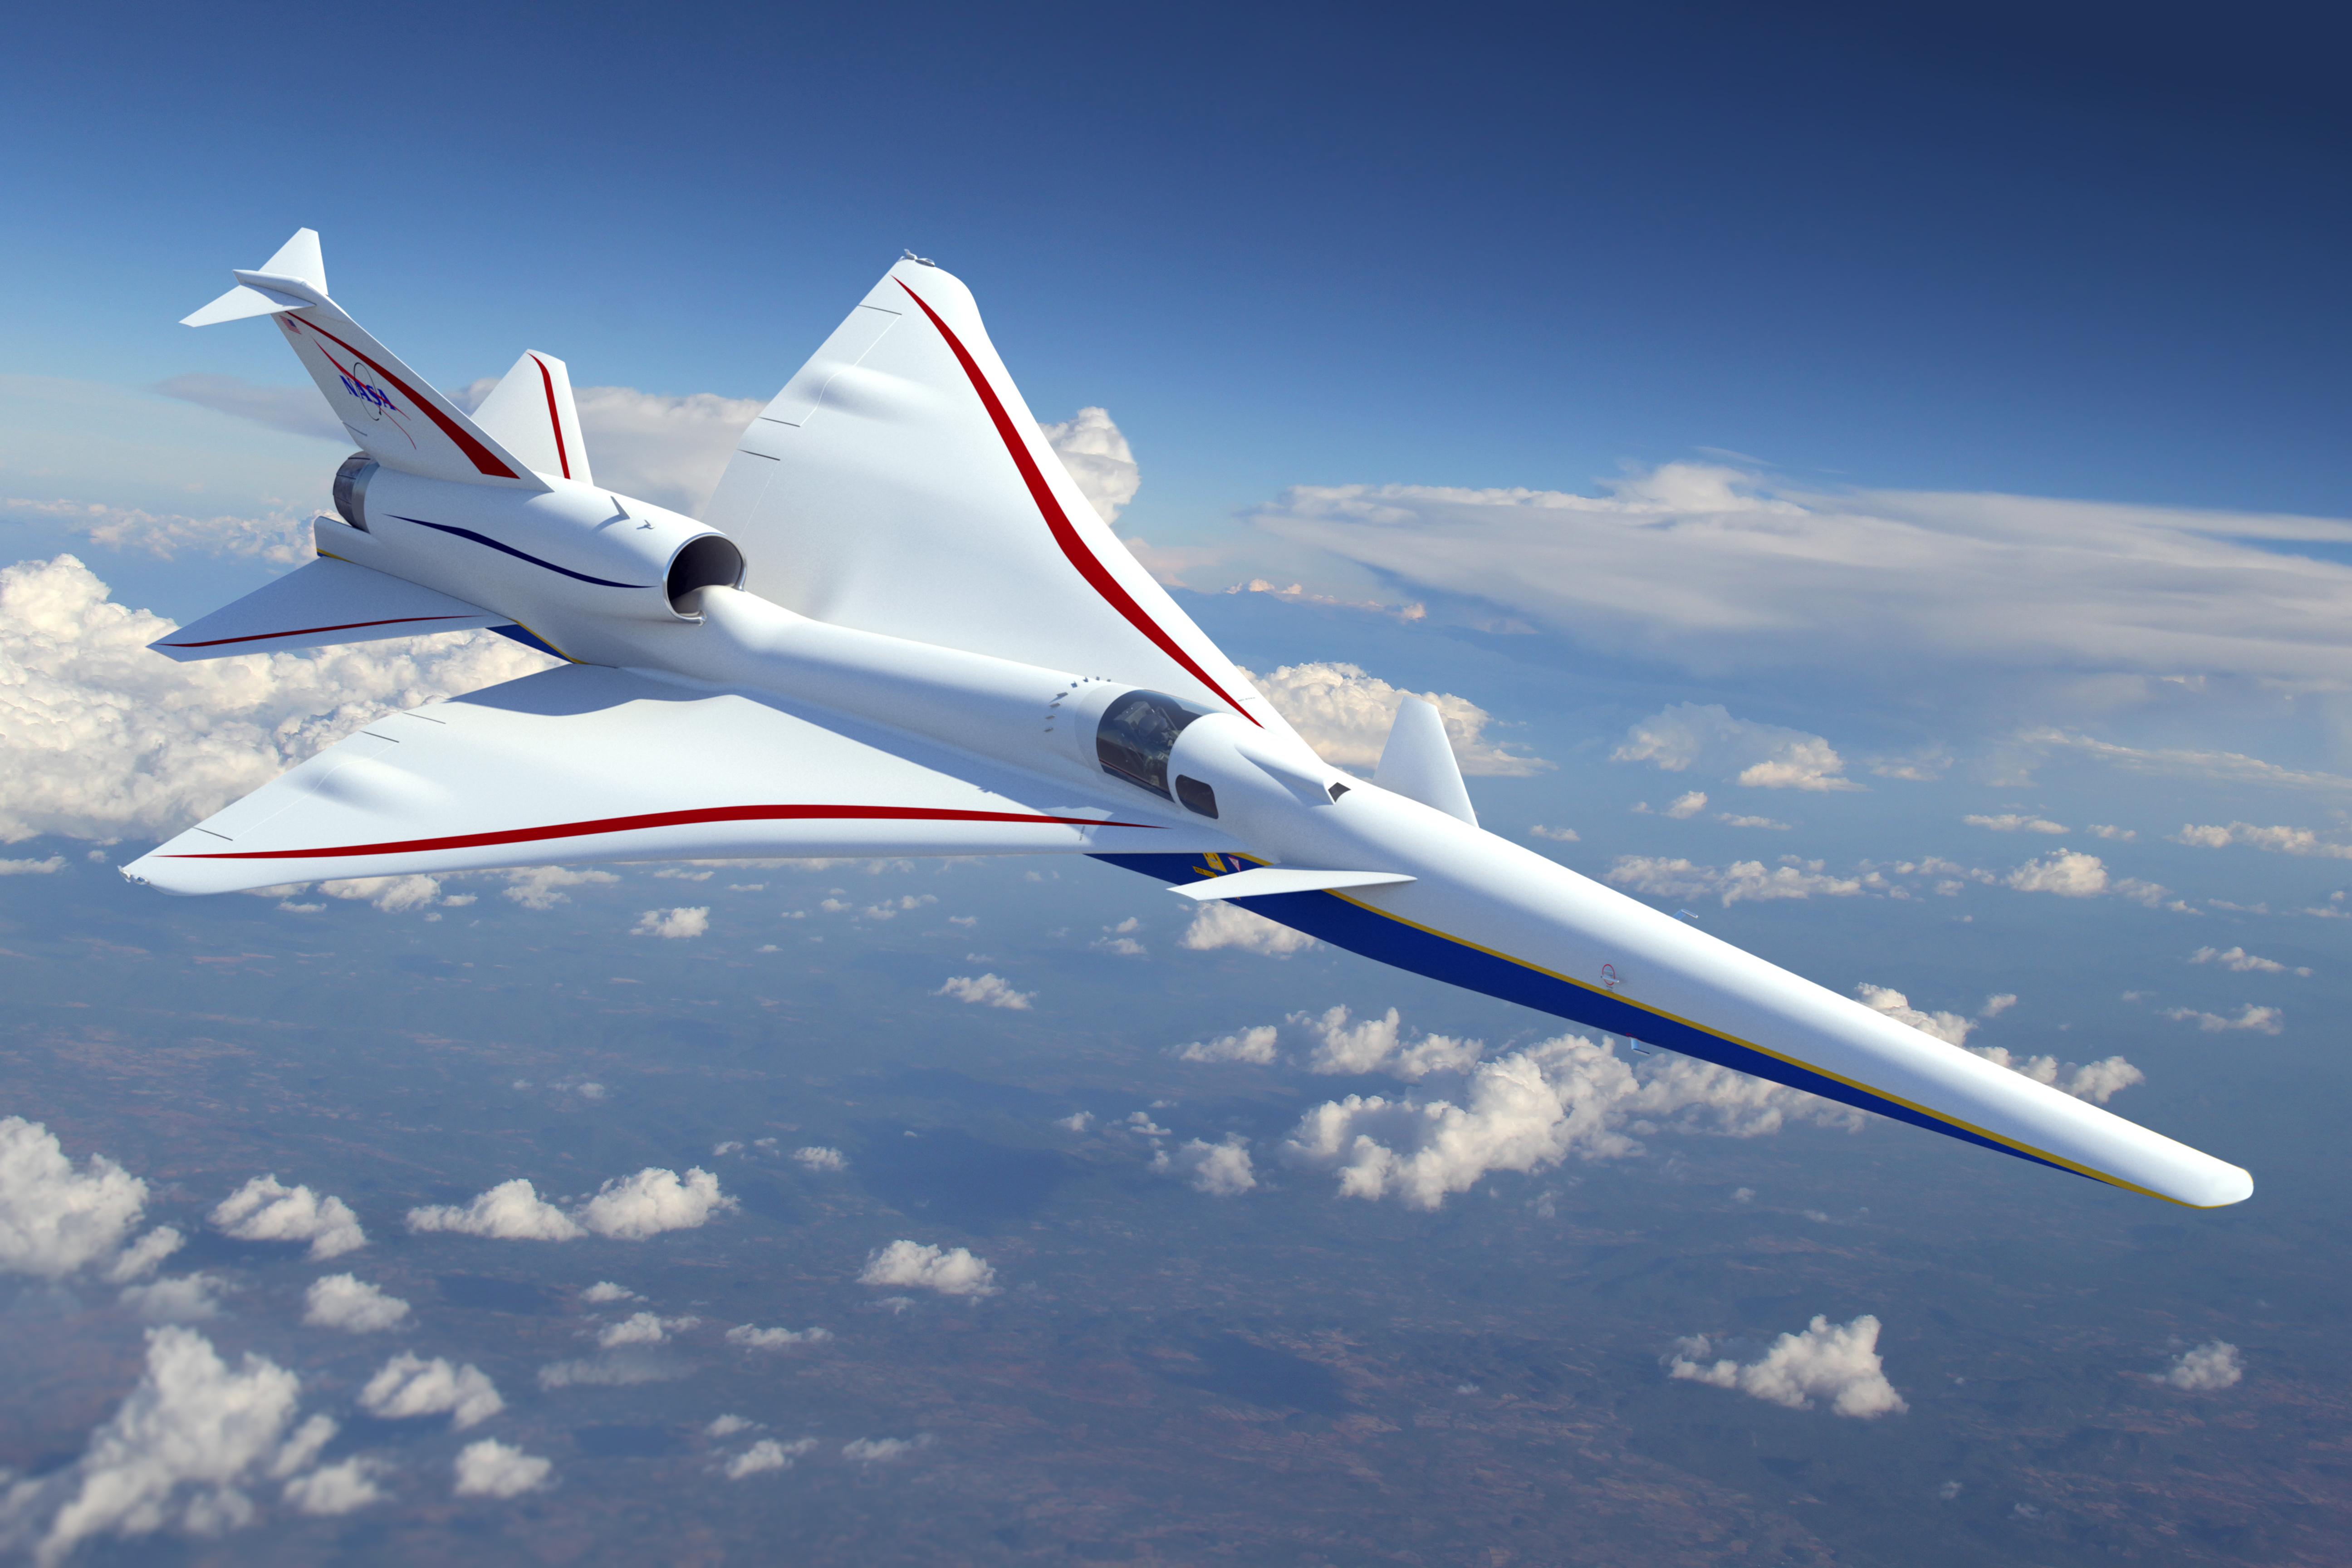 X-59 QueSST | Lockheed Martin